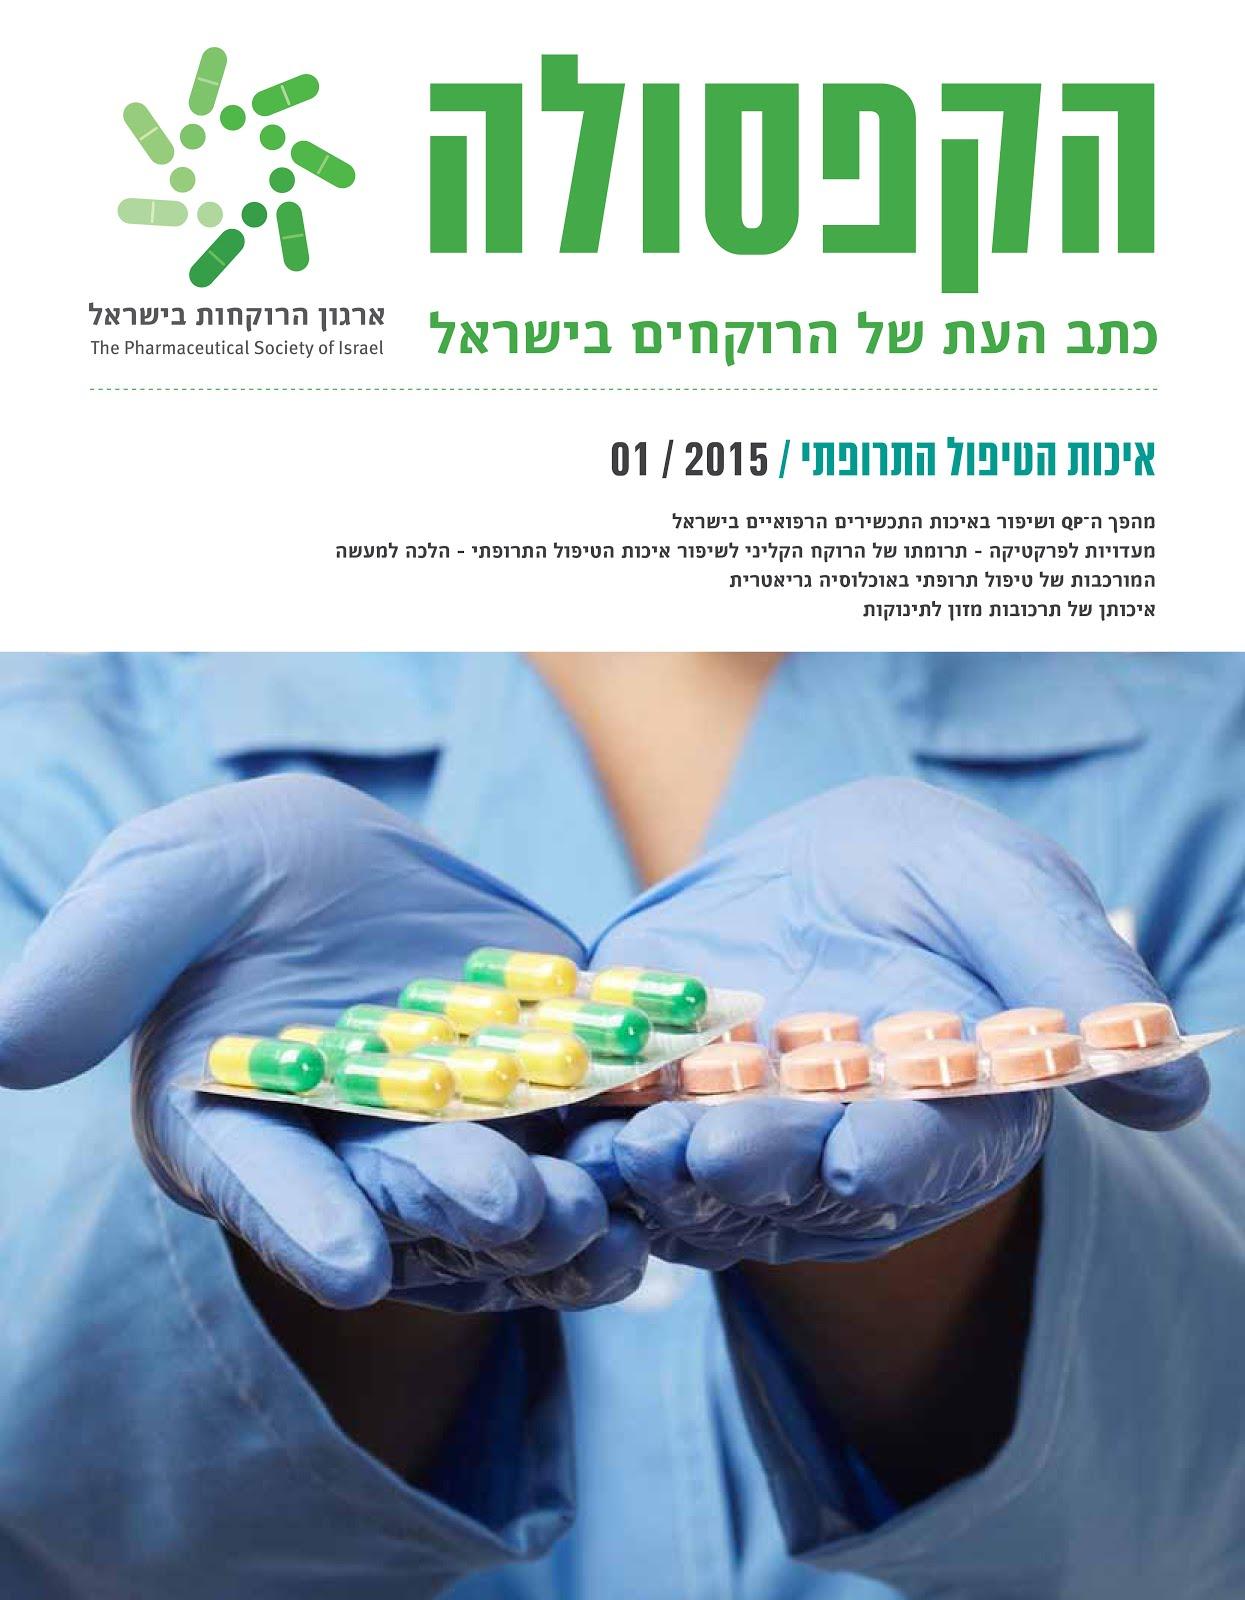 """""""הקפסולה - כתב עת של הרוקחים בישראל"""" גיליון ינואר 2015"""